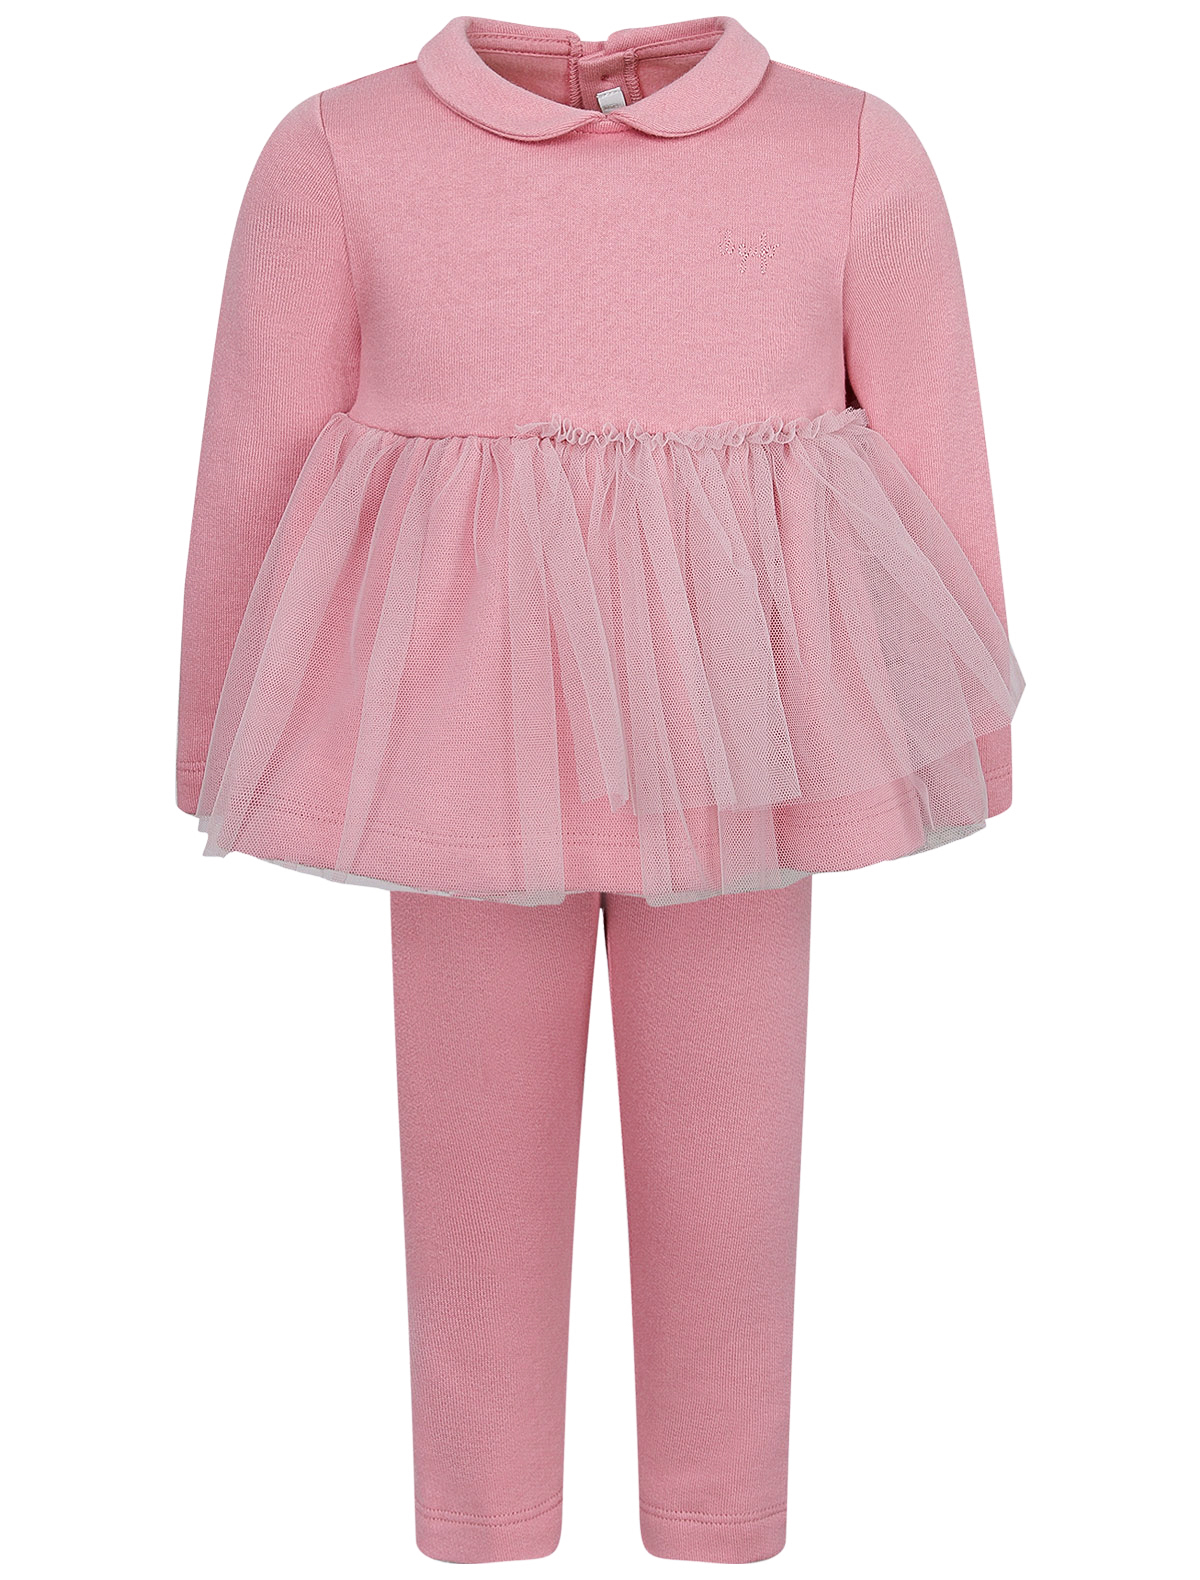 Купить 2252482, Комплект из 2 шт. Il Gufo, розовый, Женский, 3024509082951